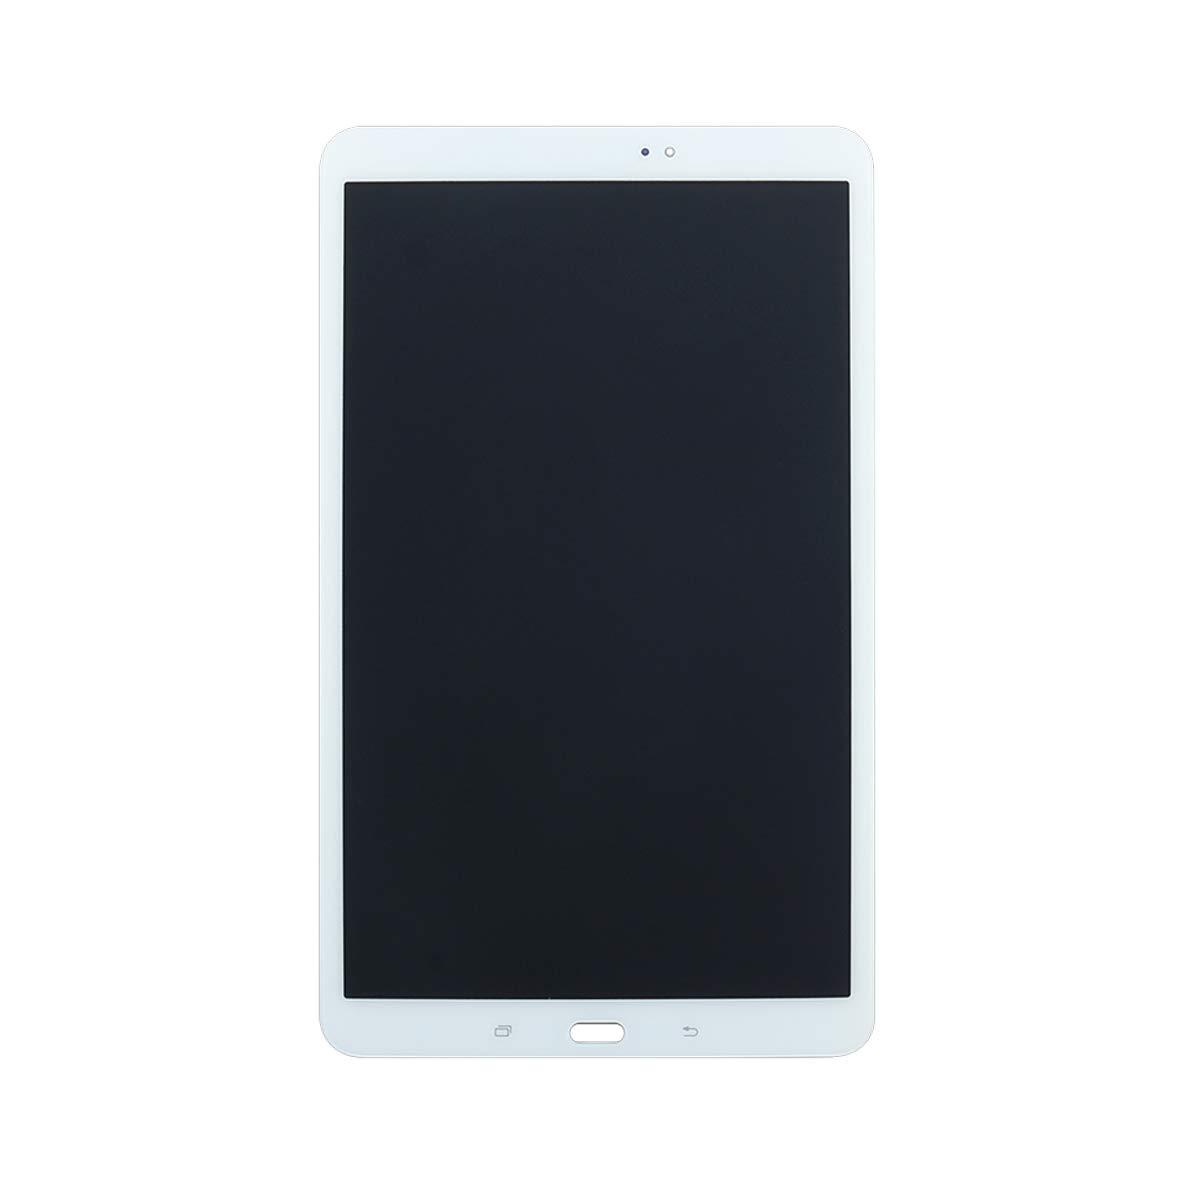 Wei/ß YHX-OU F/ür Samsung Galaxy Tab A 2016 SM-T580 T585 T580 10.1 Reparatur und Ersatz LCD Display Touchscreen Digitizer mit Frei Werkzeuge